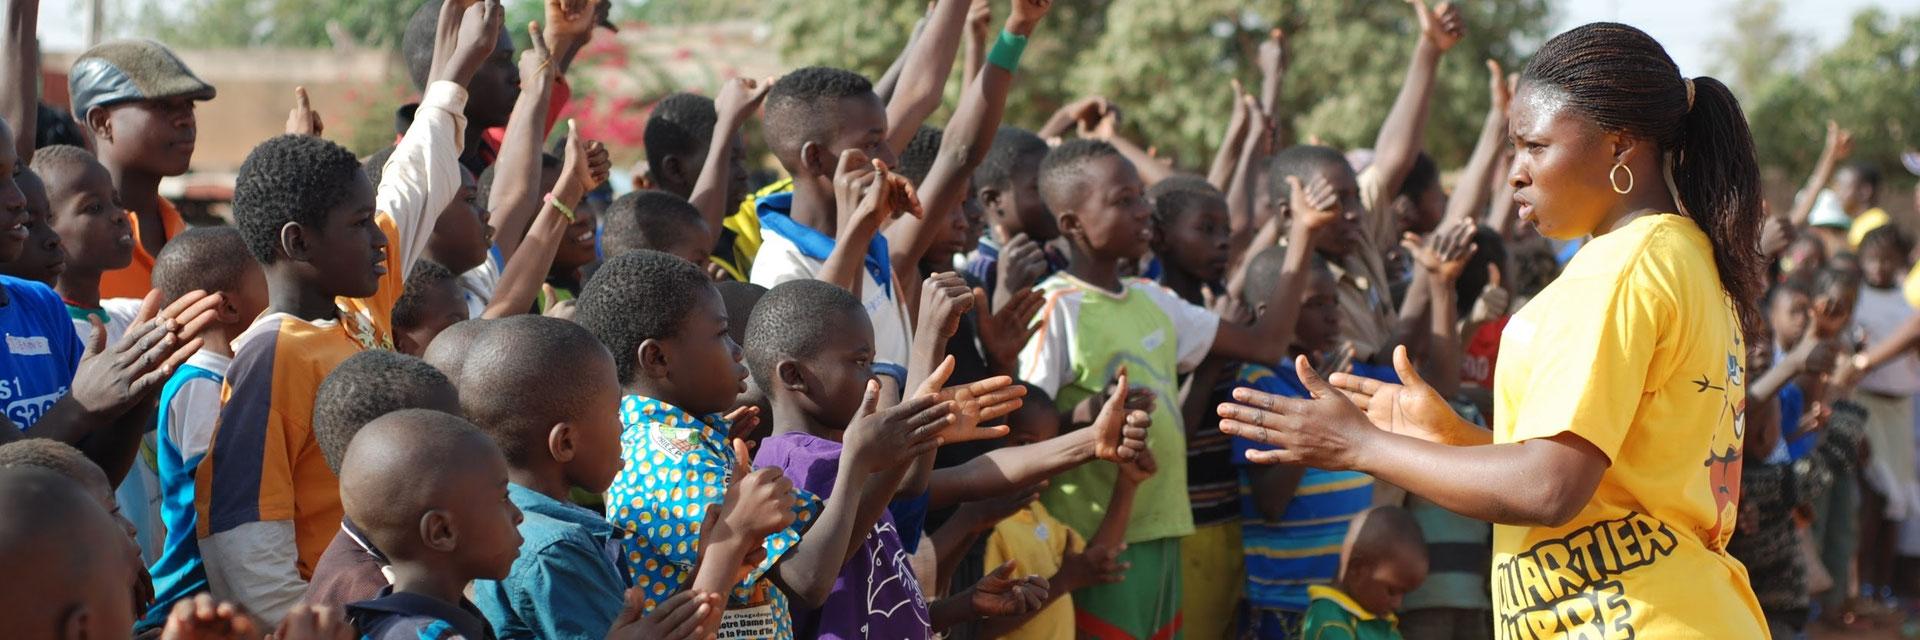 Quartier Libre au Burkina Faso